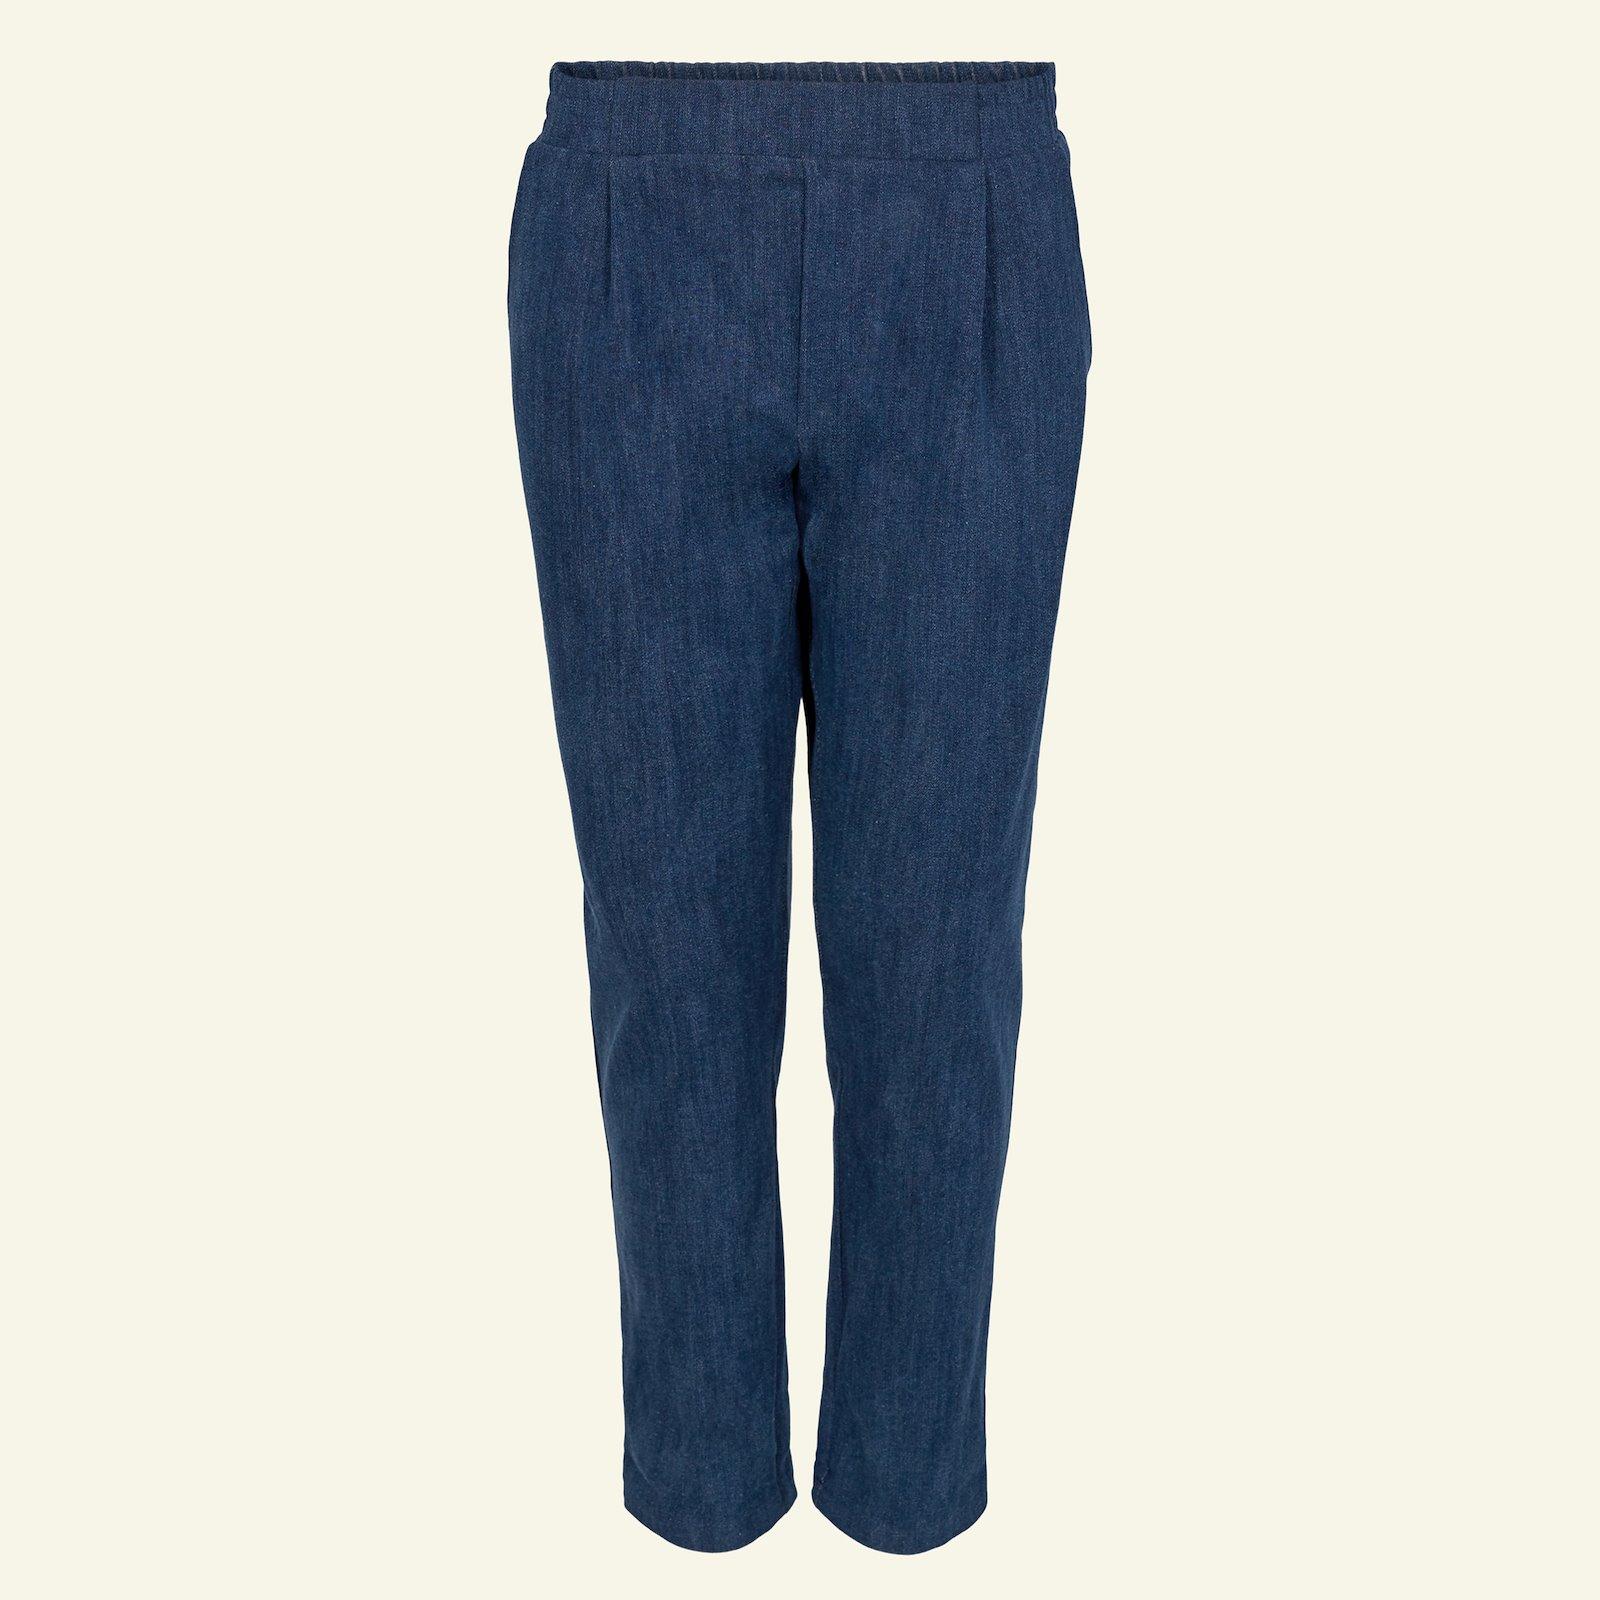 Denim with stretch 10,5 OZ denim blue p60033_460851_sskit